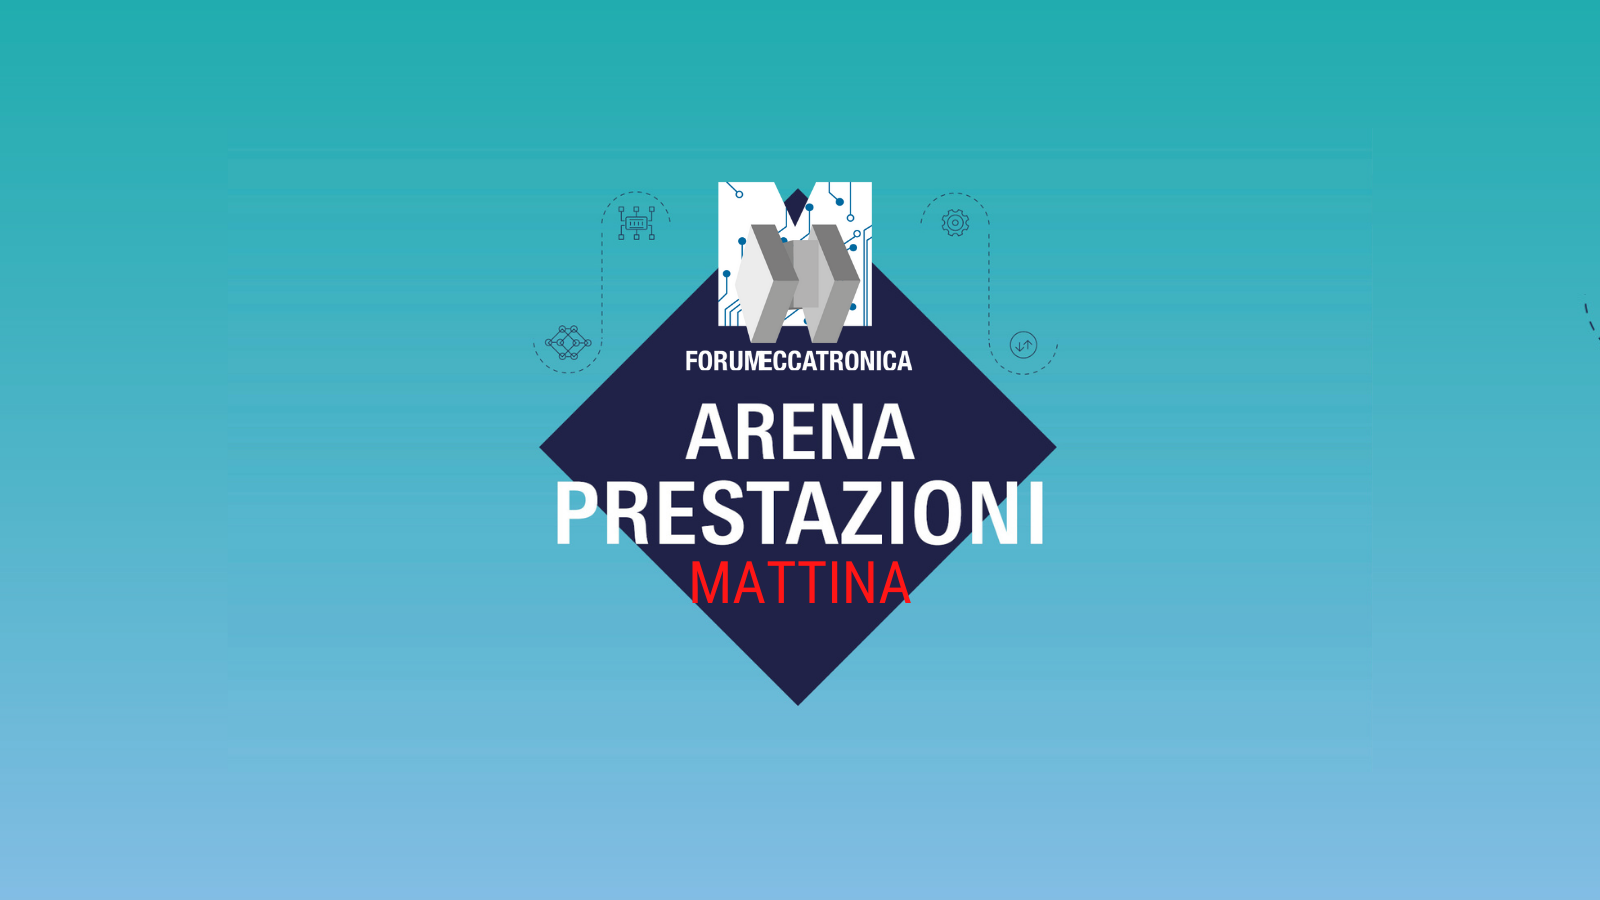 Forum Meccatronica 2021 - Arena Prestazioni Mattina